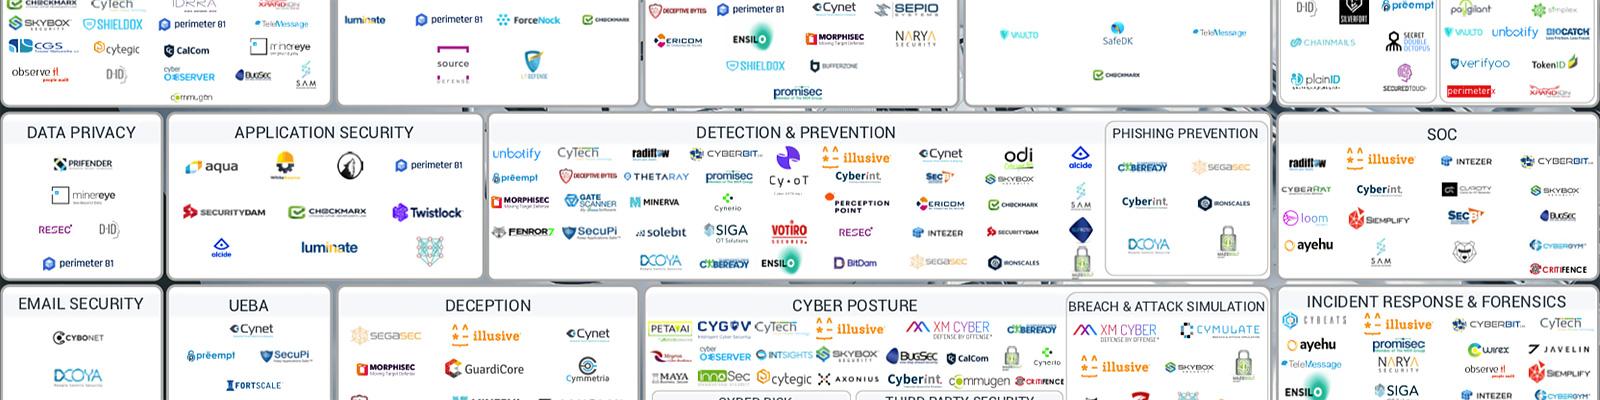 イスラエル「サイバー・セキュリティ業界」の鳥瞰図 2018年9月版